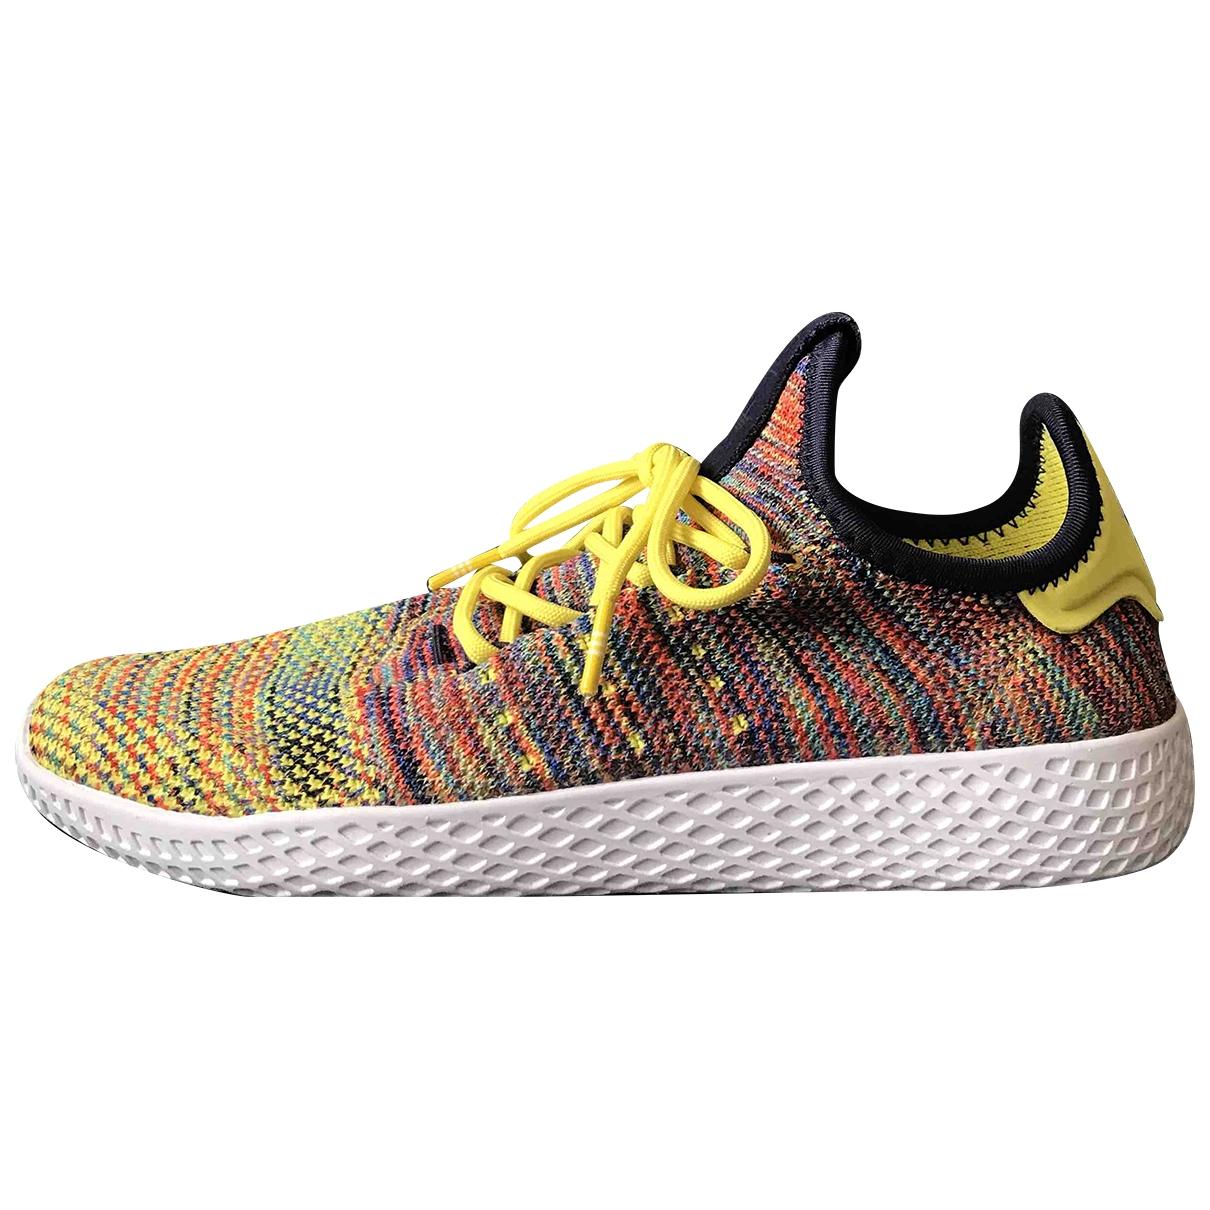 Adidas X Pharrell Williams - Baskets   pour femme en toile - multicolore